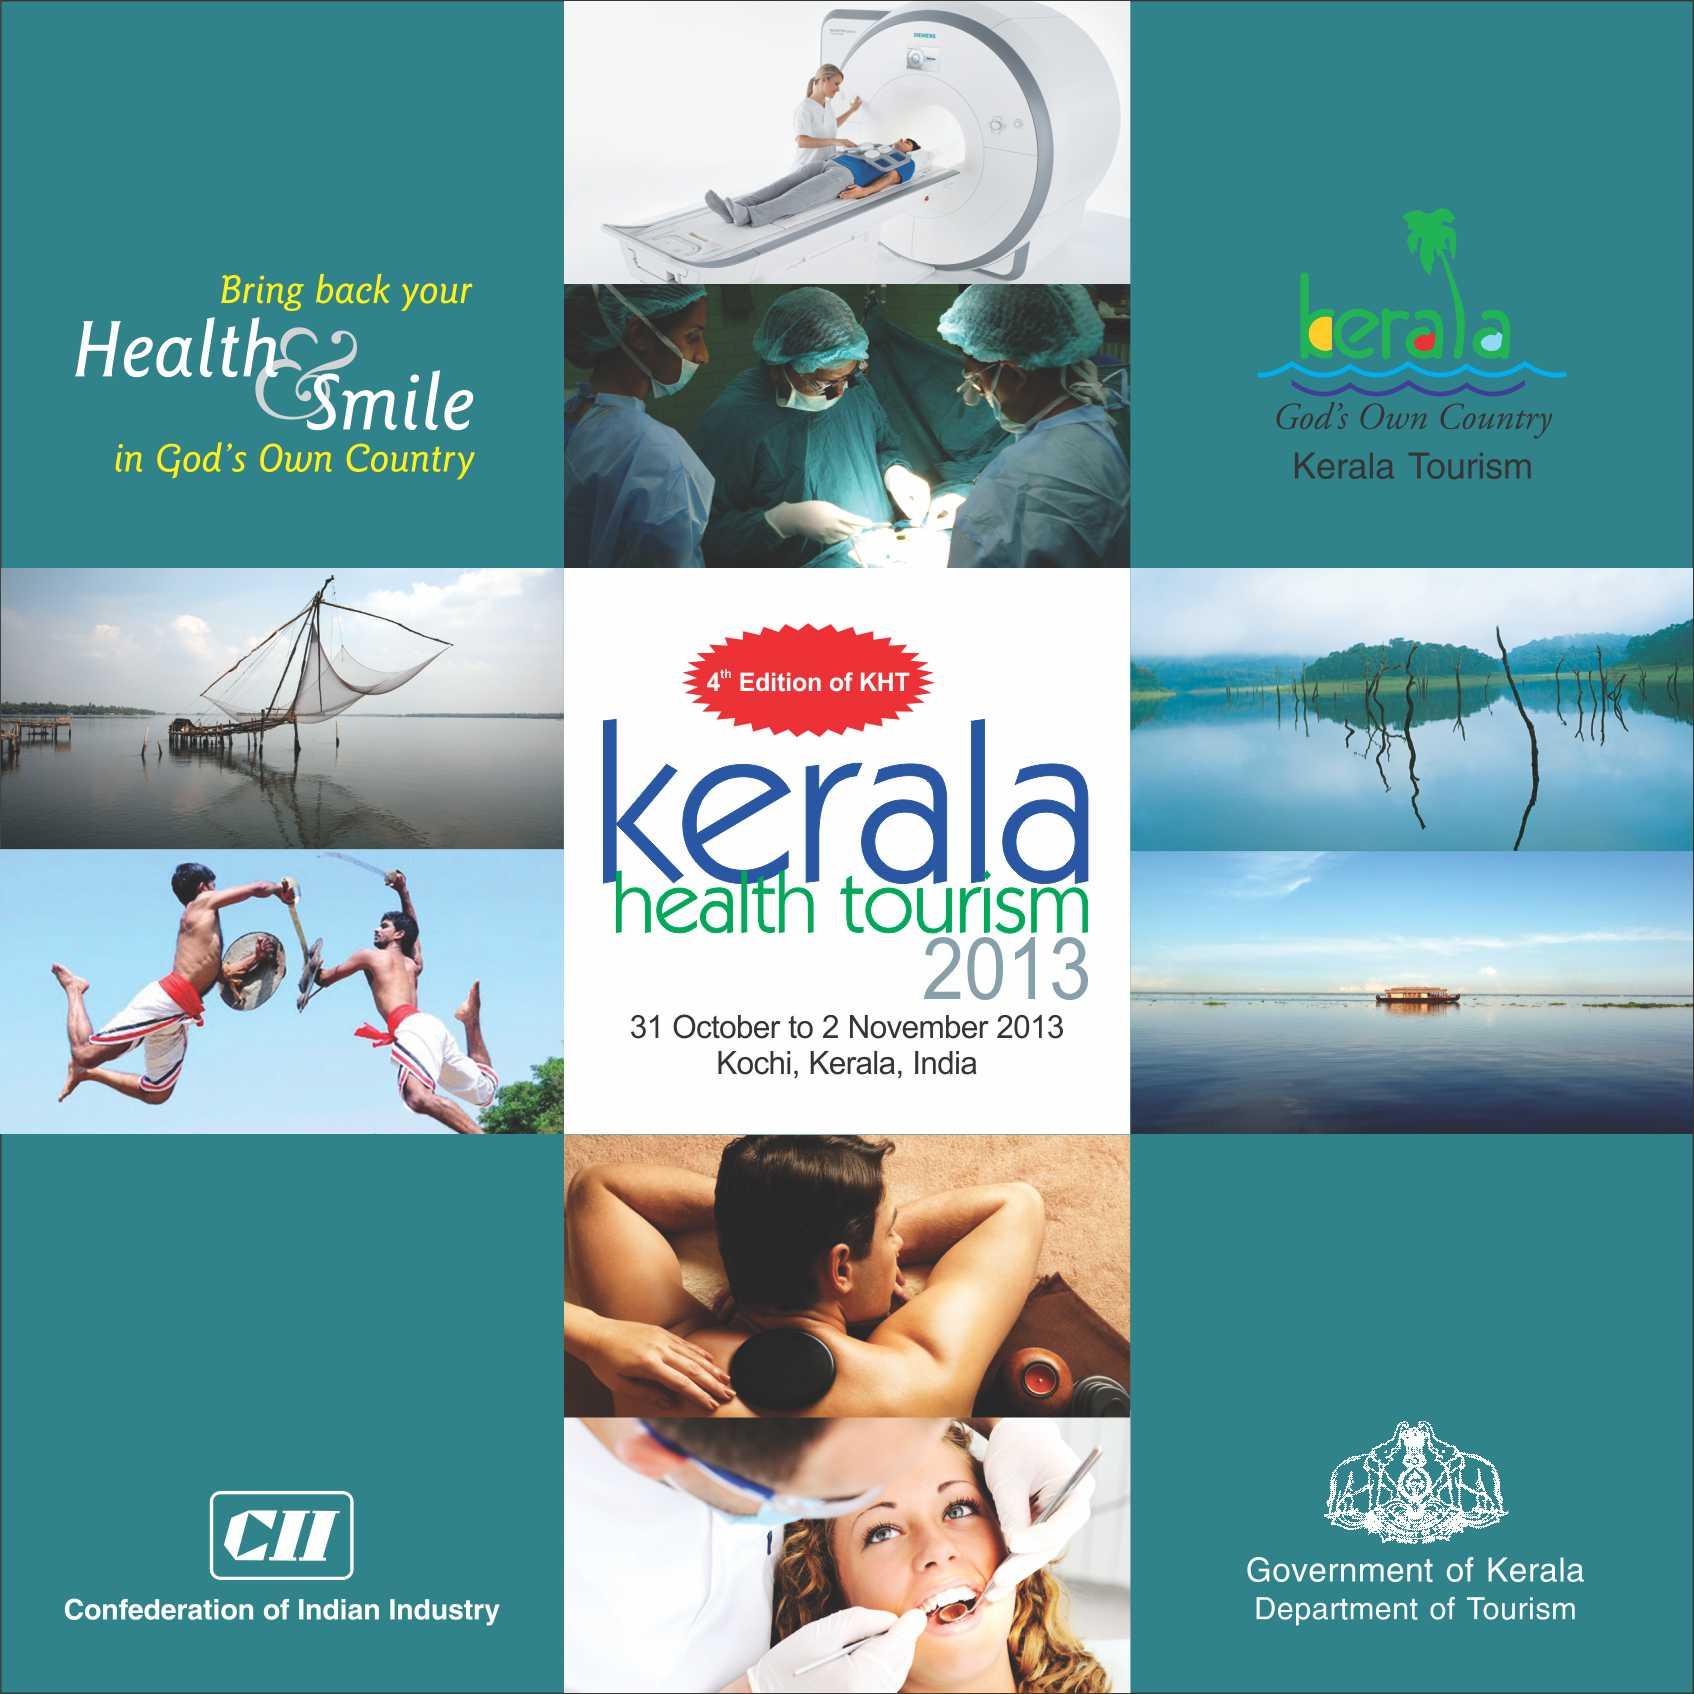 tourism brochure design ideas - tourism brochure cover richad